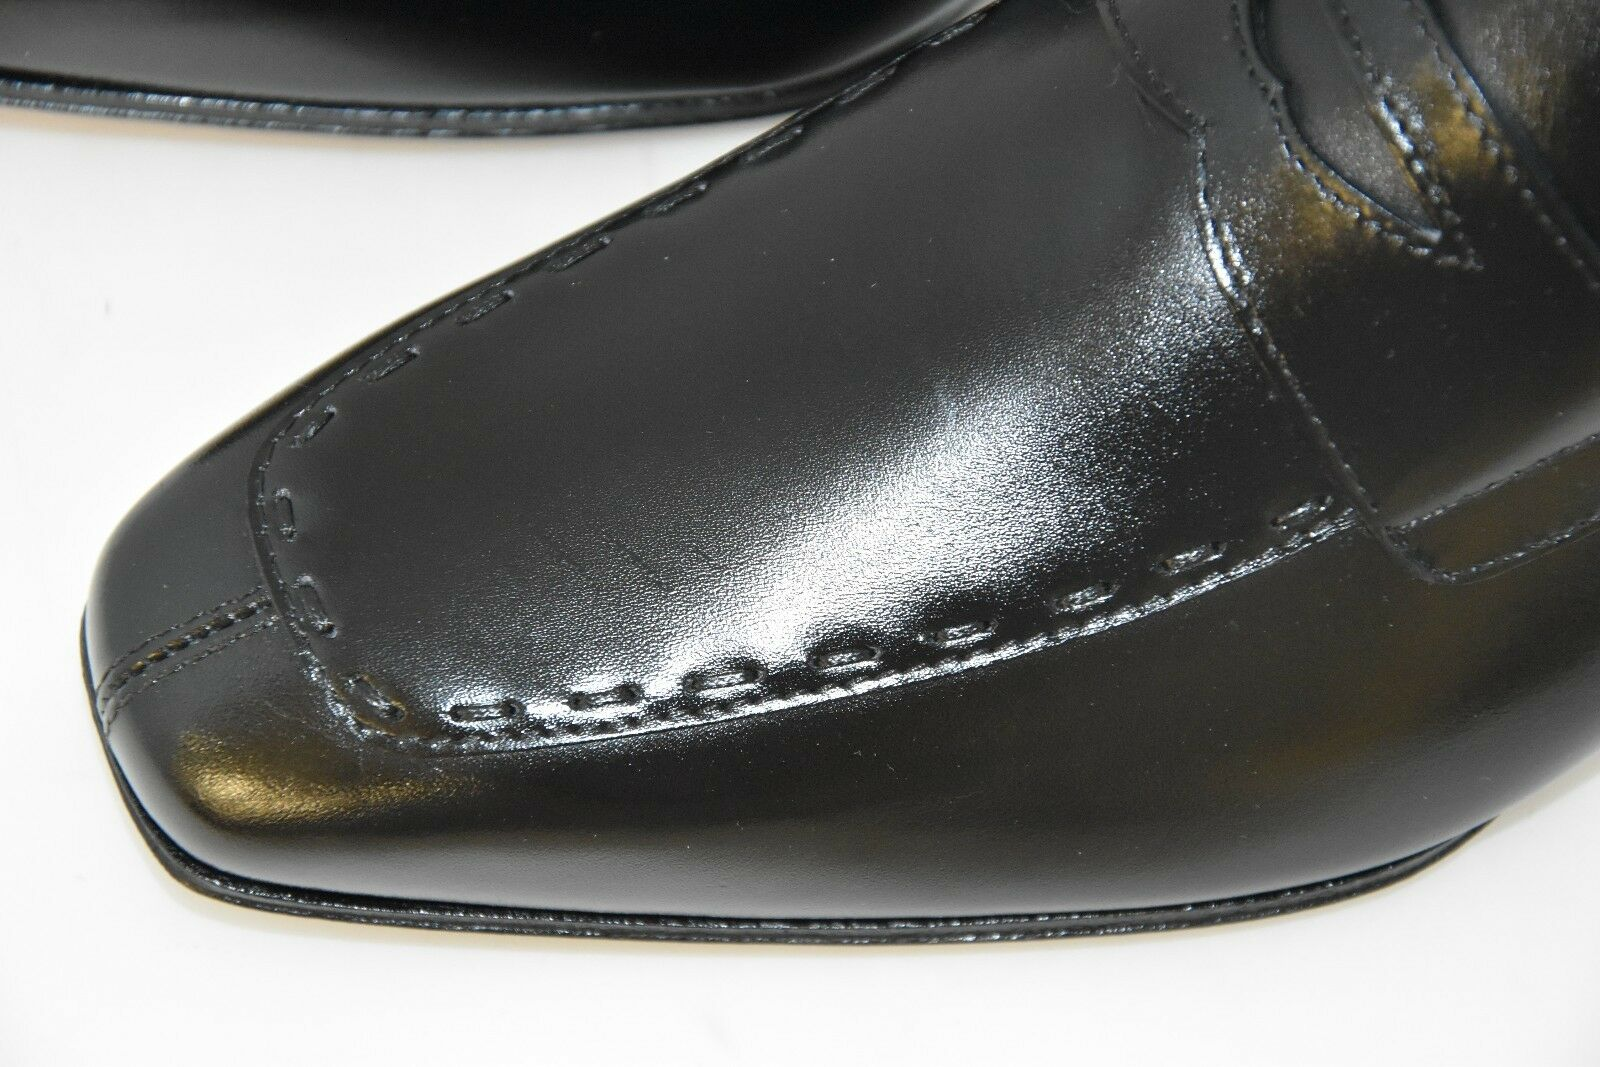 MAN-6½eu-7½us-PENNY LOAFER-MOCASSINO-BLACK CALF-LEATHER SOLE-SUOLA CUOIO Scarpe da uomo classiche economiche e belle